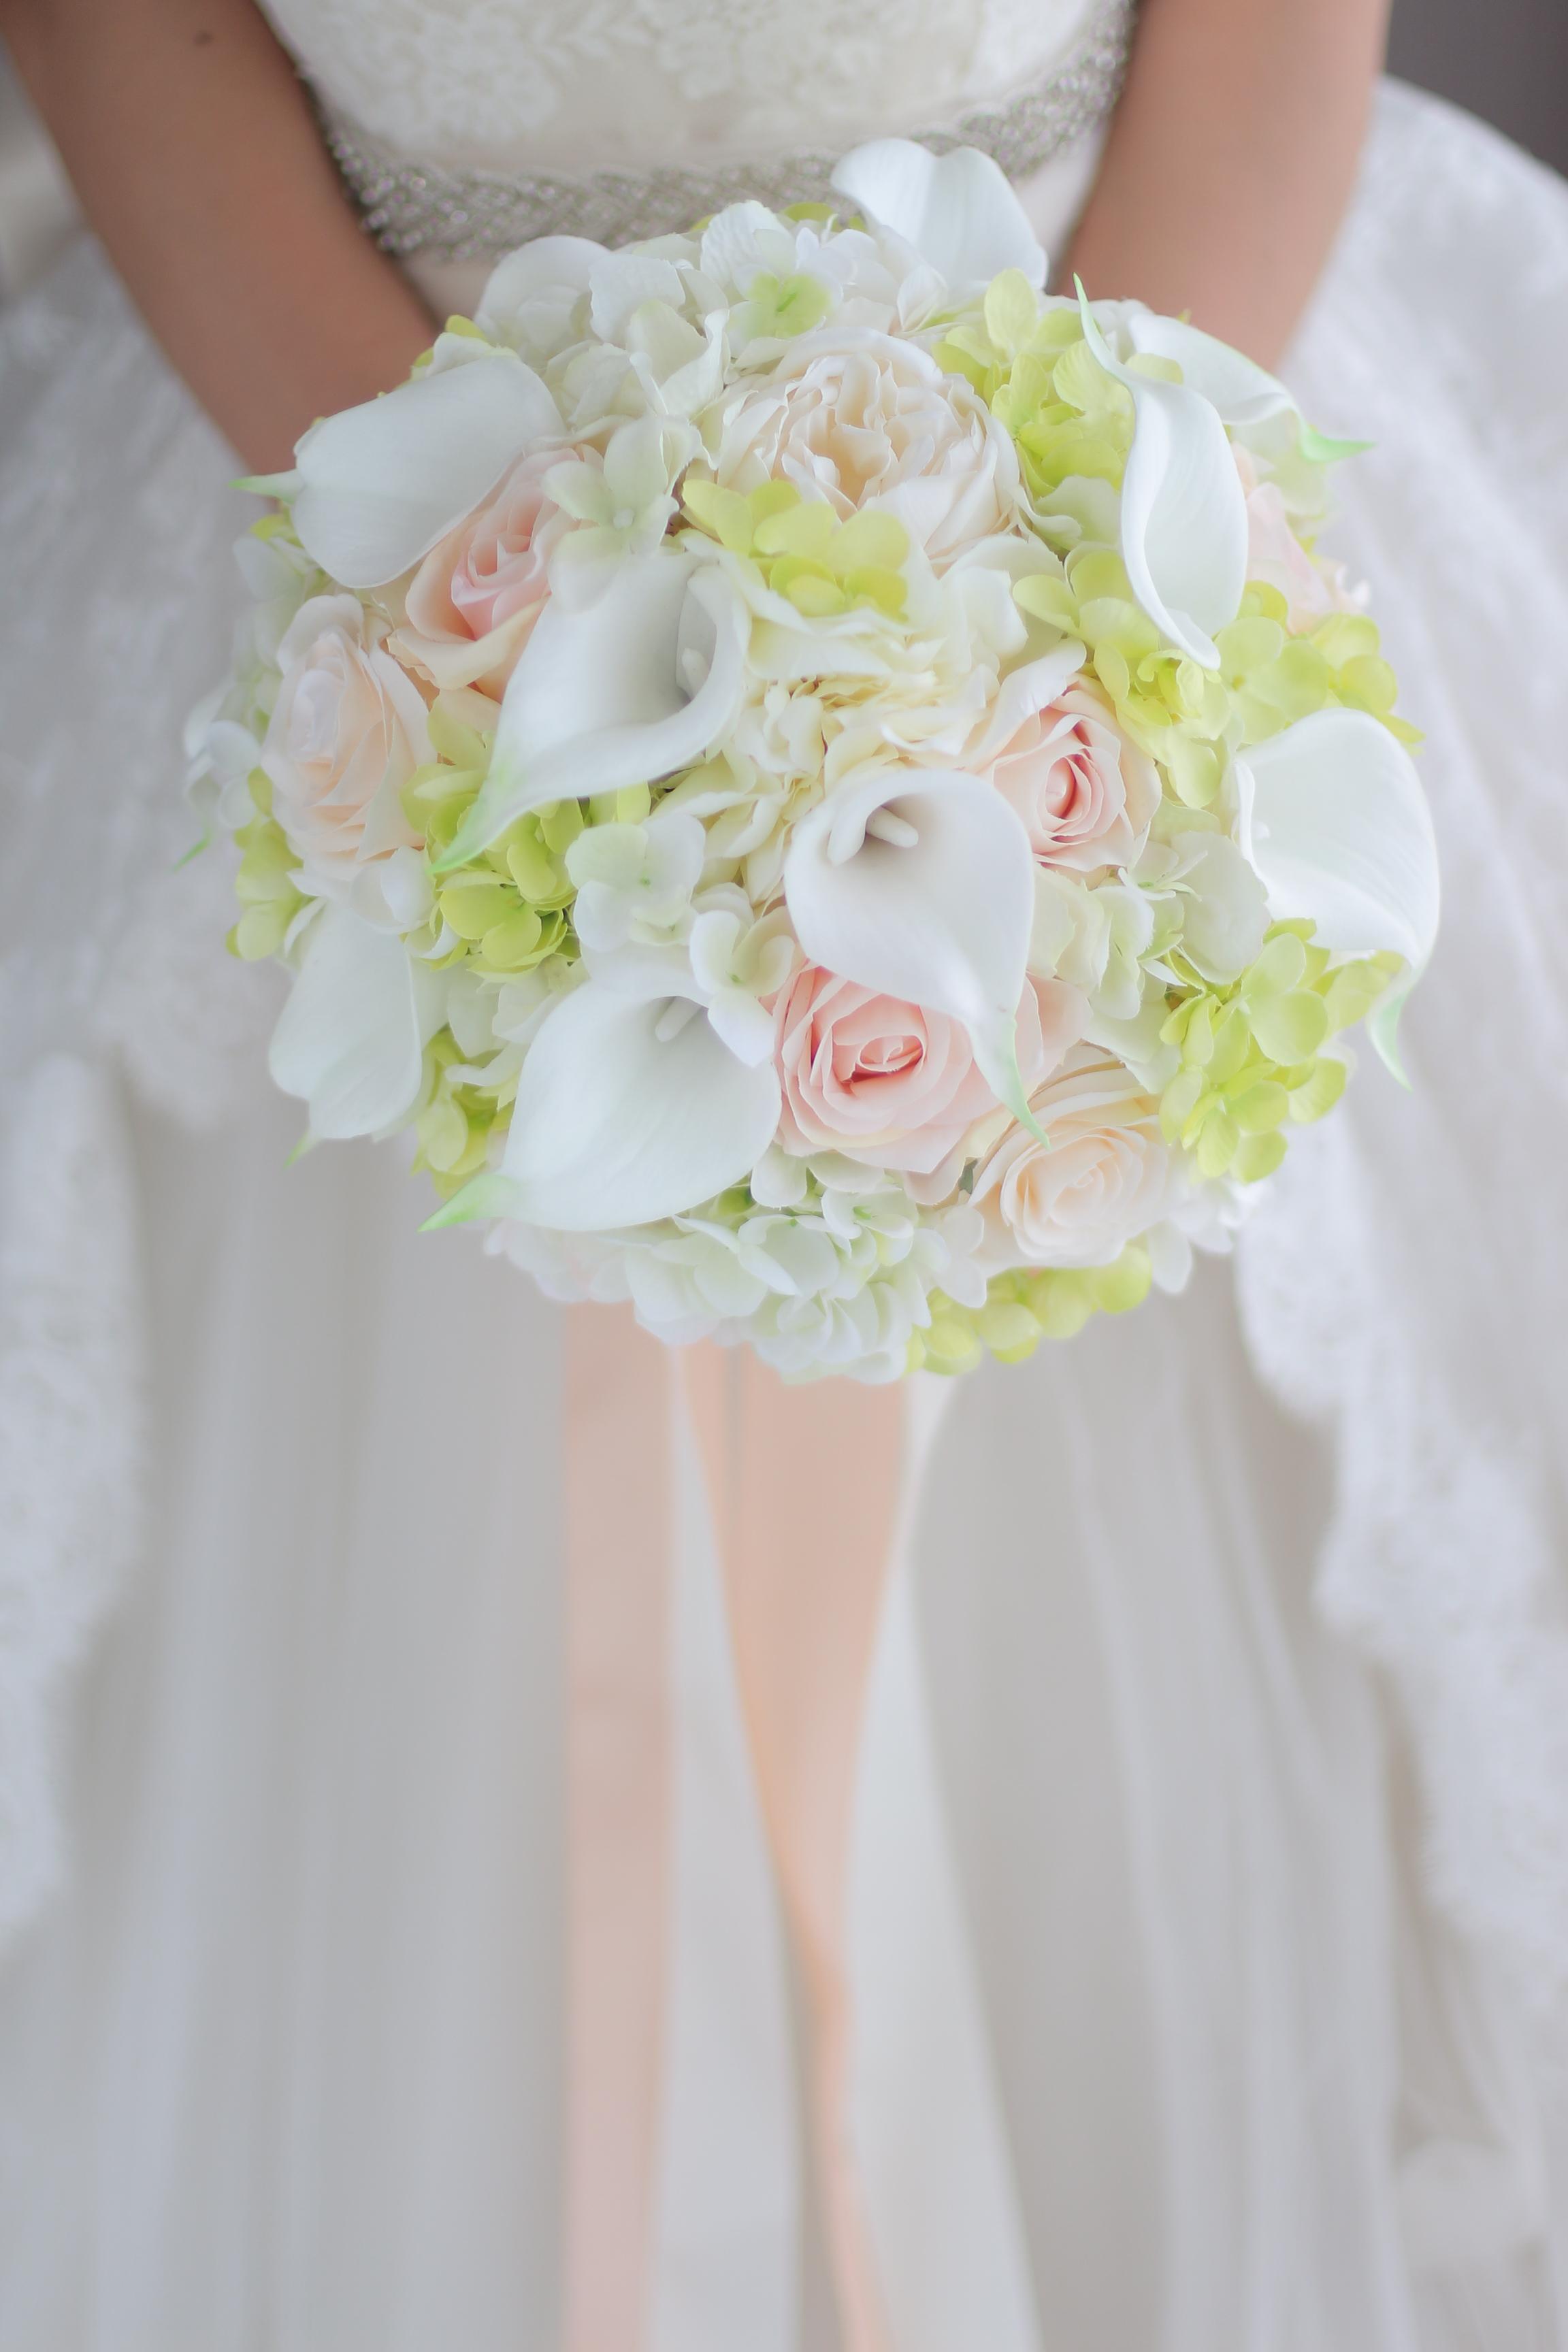 Ultimi Bouquet da sposa Bianco Champagne Rose Calla Lily Verde Ortensia Sposa Bouquet da damigella d'onore